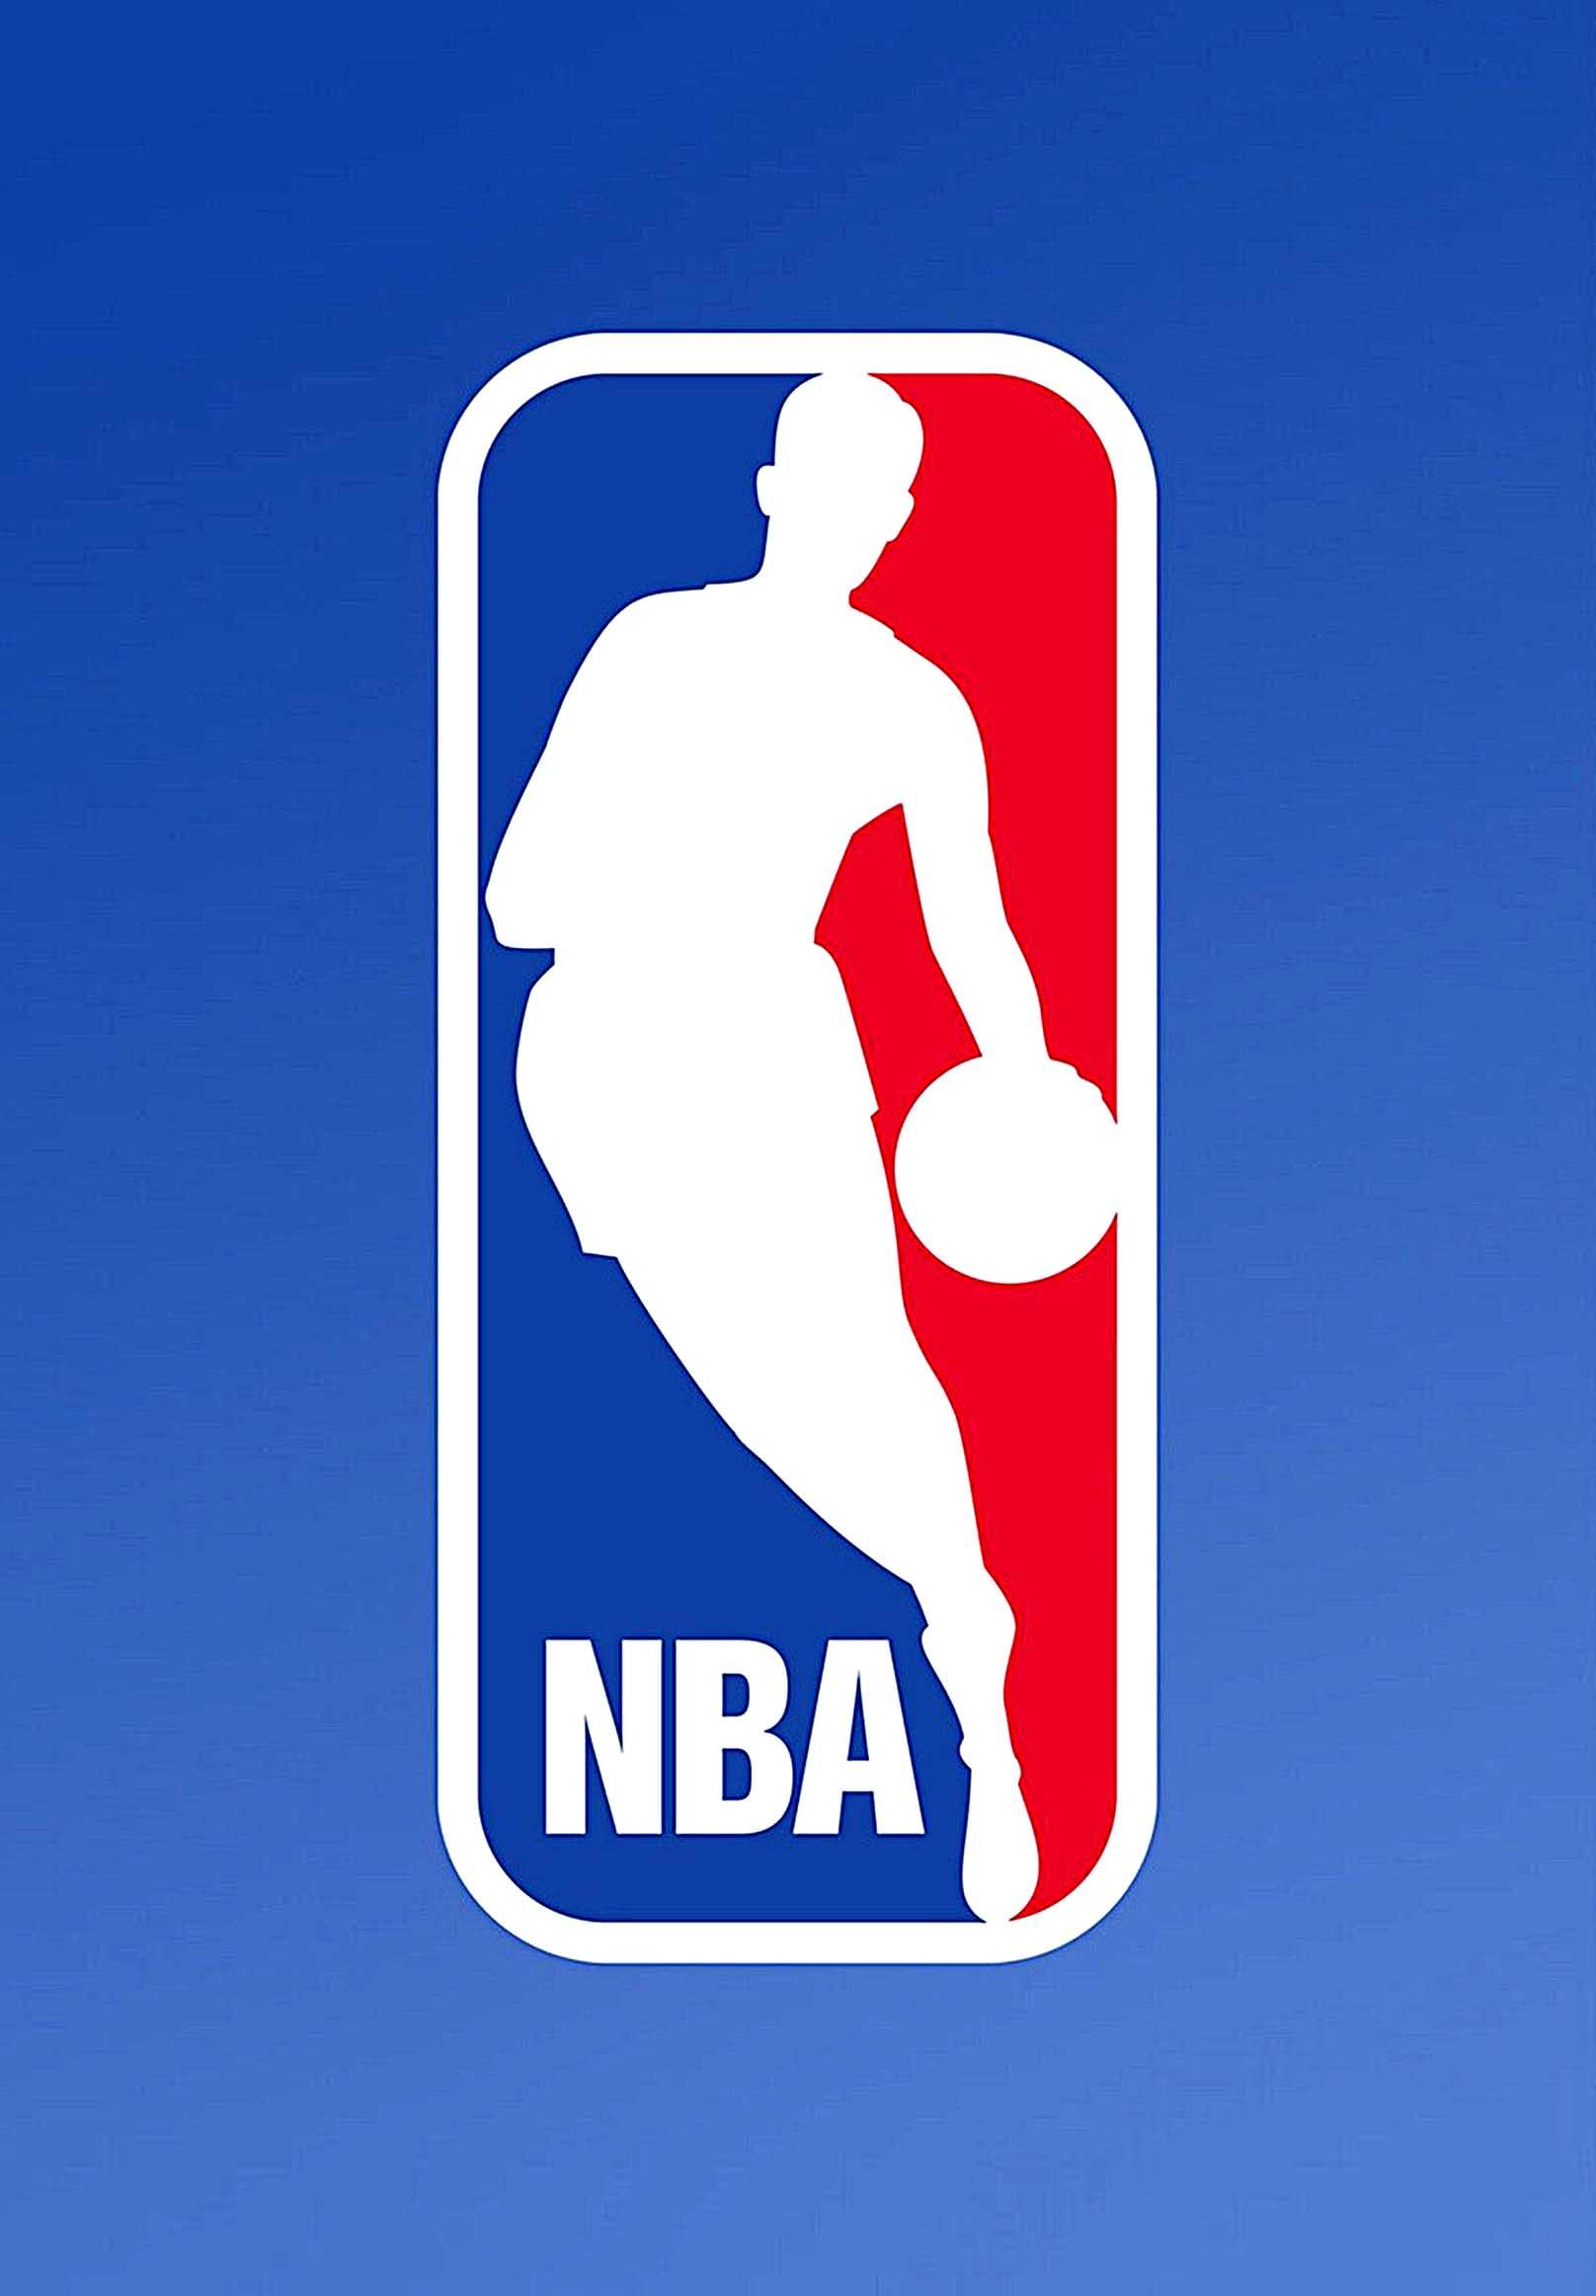 Nba Logo Gear Canvas Tablo (Nba-canvas-nba2)